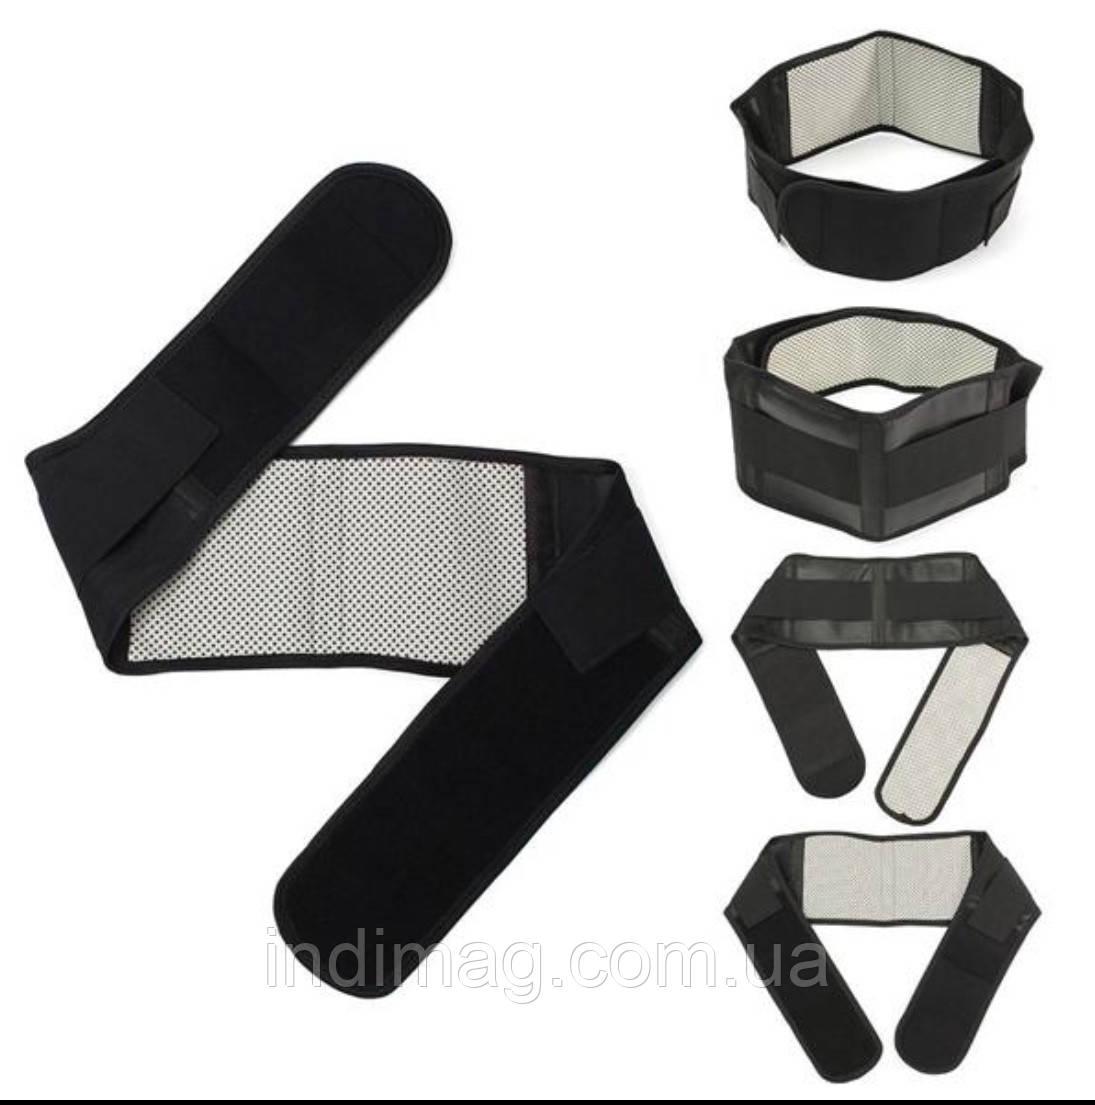 Набор турмалиновых изделий: воротник, пояс.